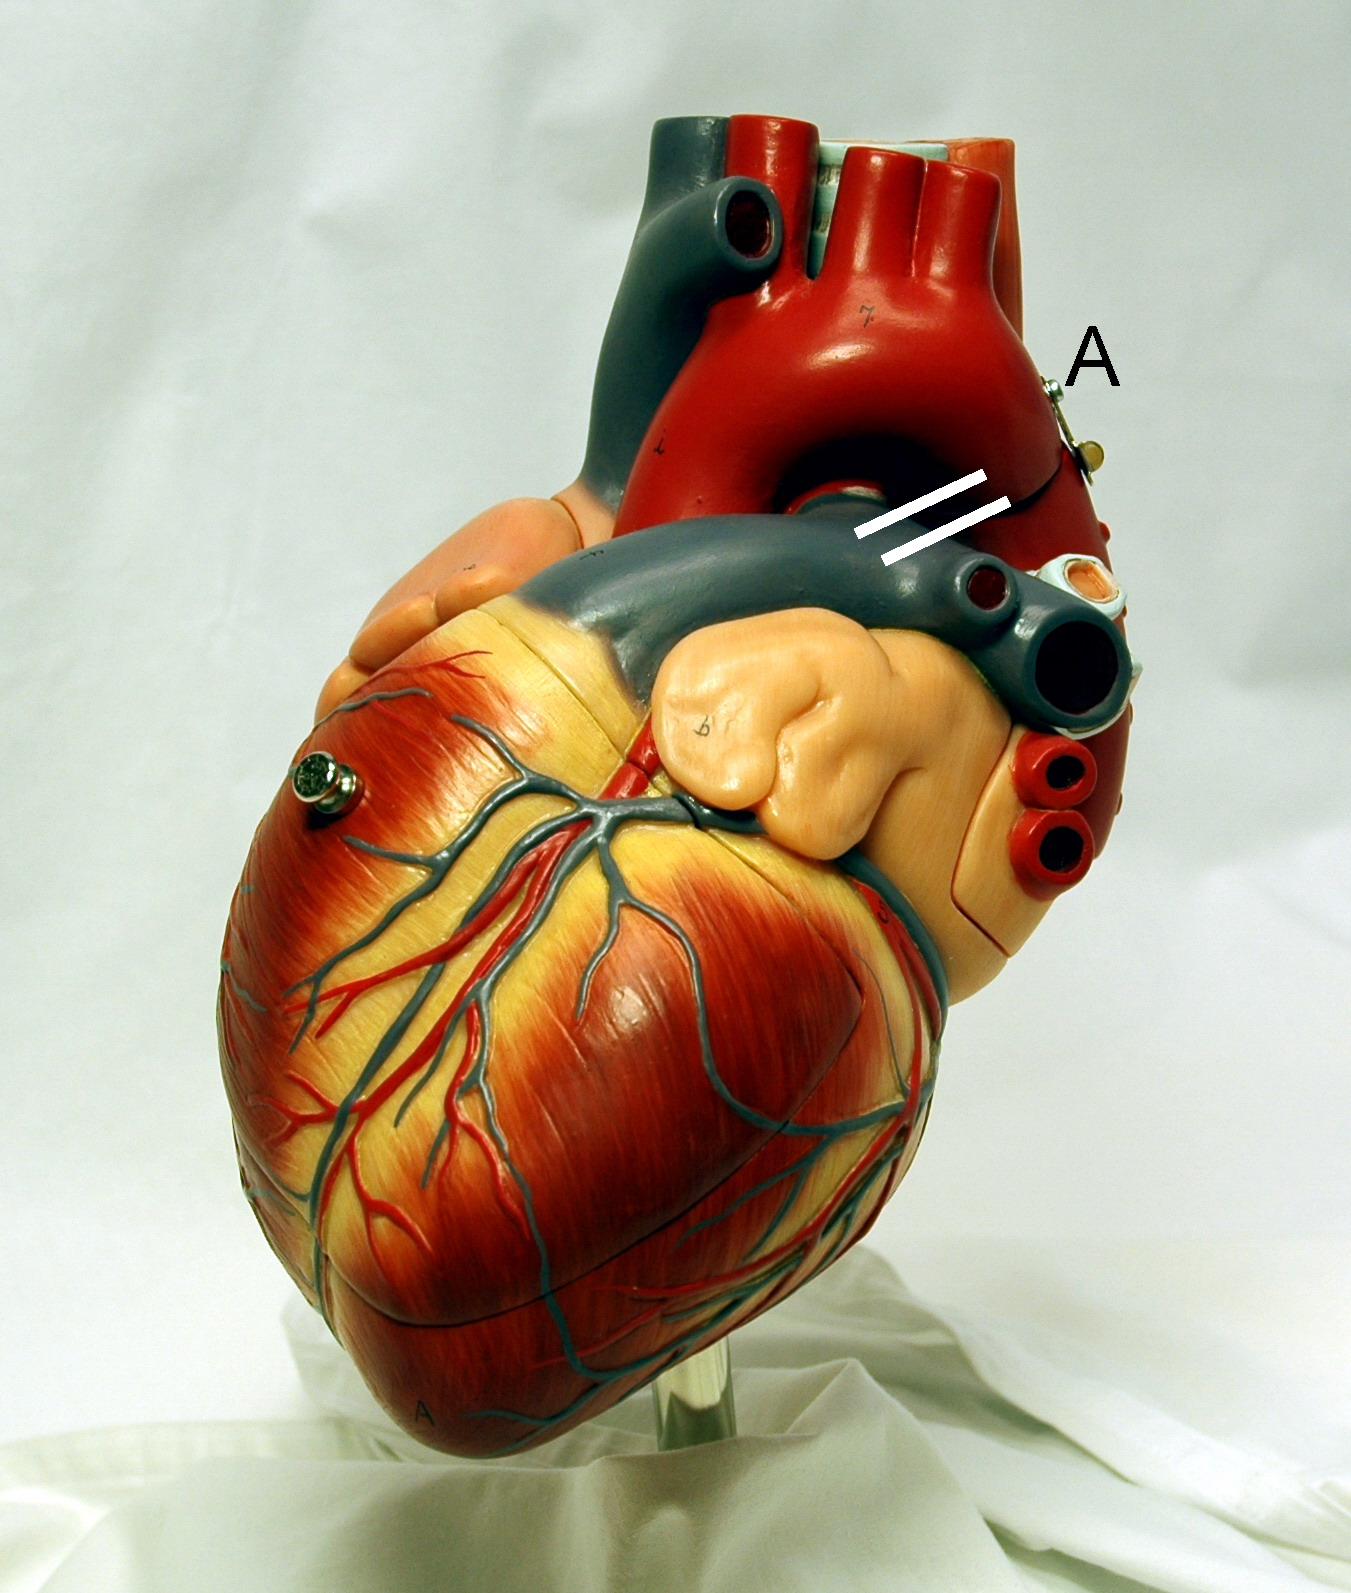 cuanto es el pulso normal del corazon